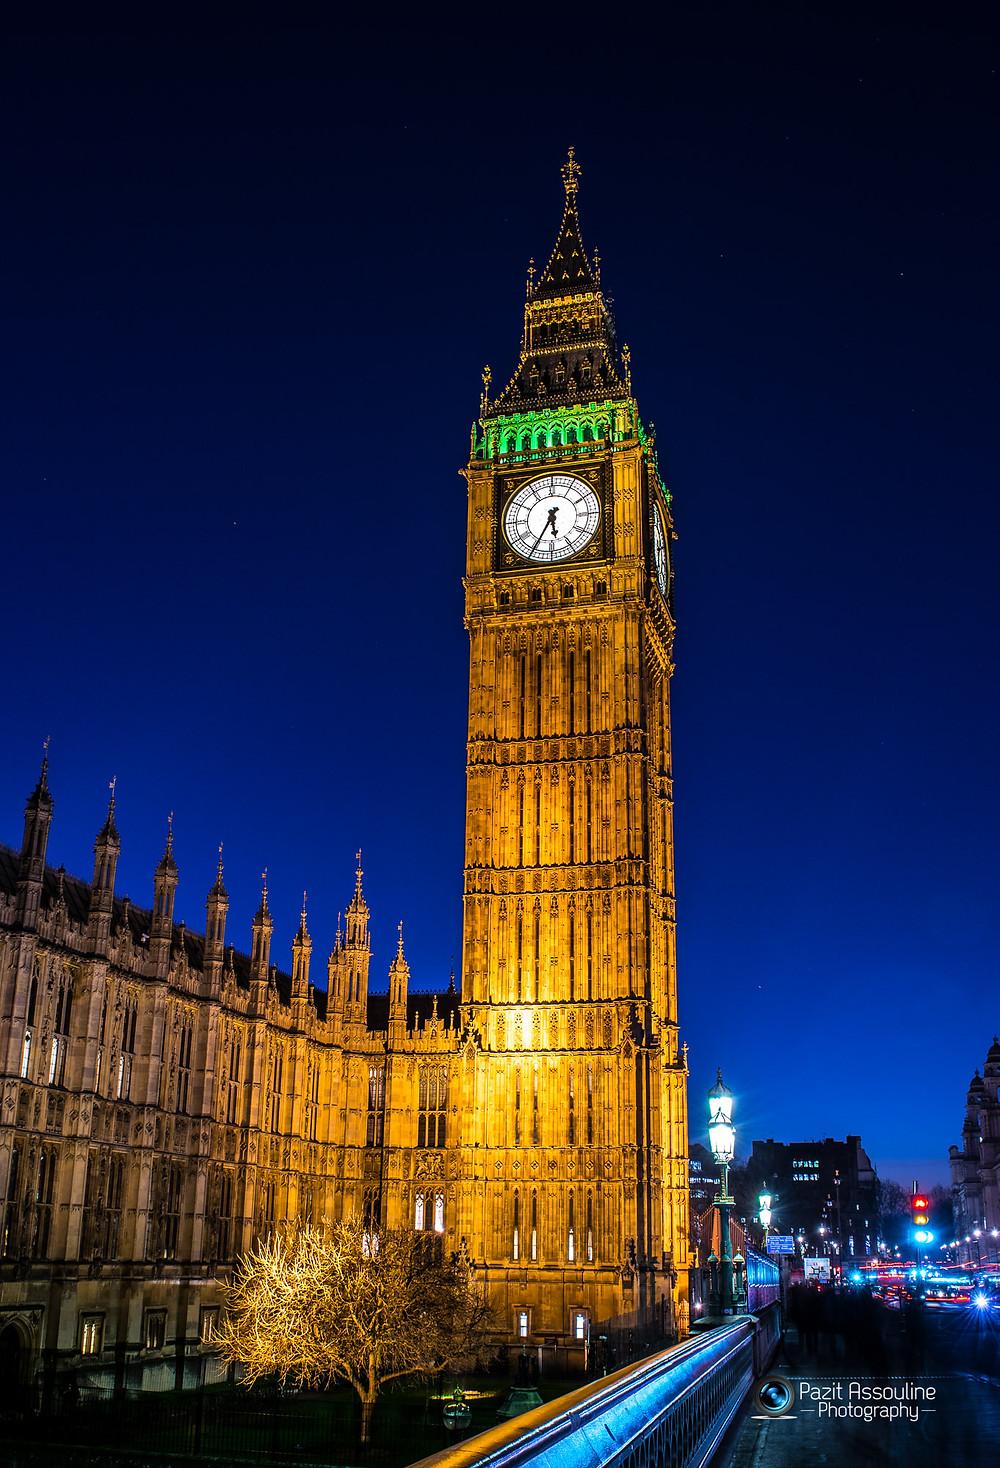 ביג בן לונדון, צילום פזית אסולין